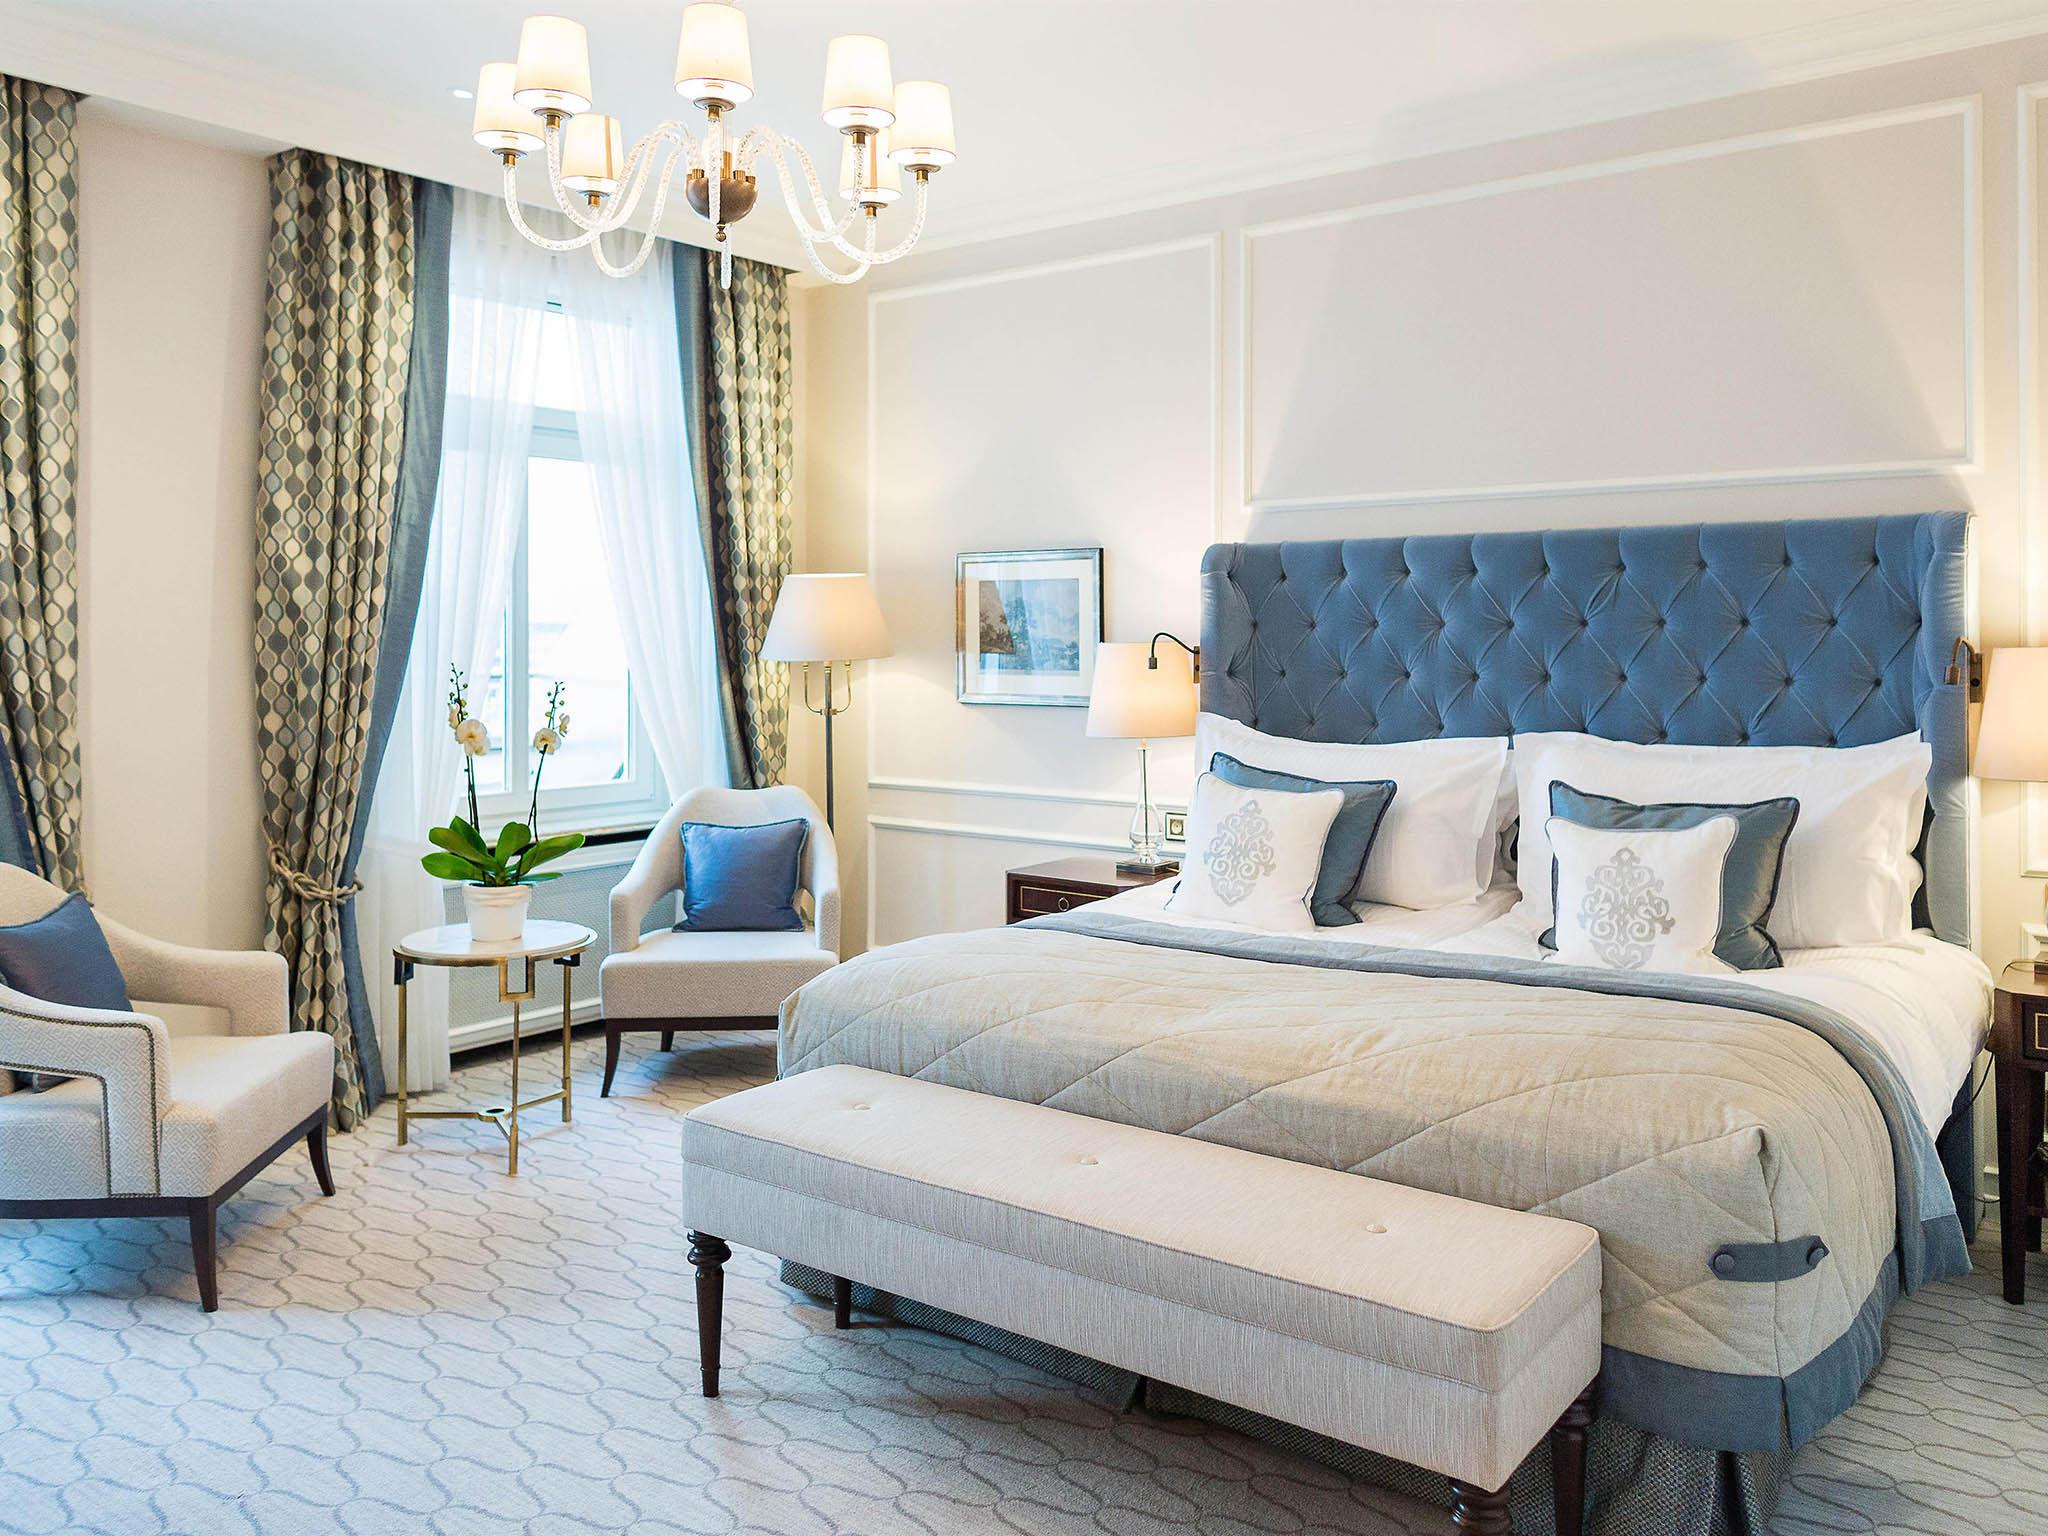 hotel in hamburg - fairmont hotel vier jahreszeiten, Badezimmer ideen